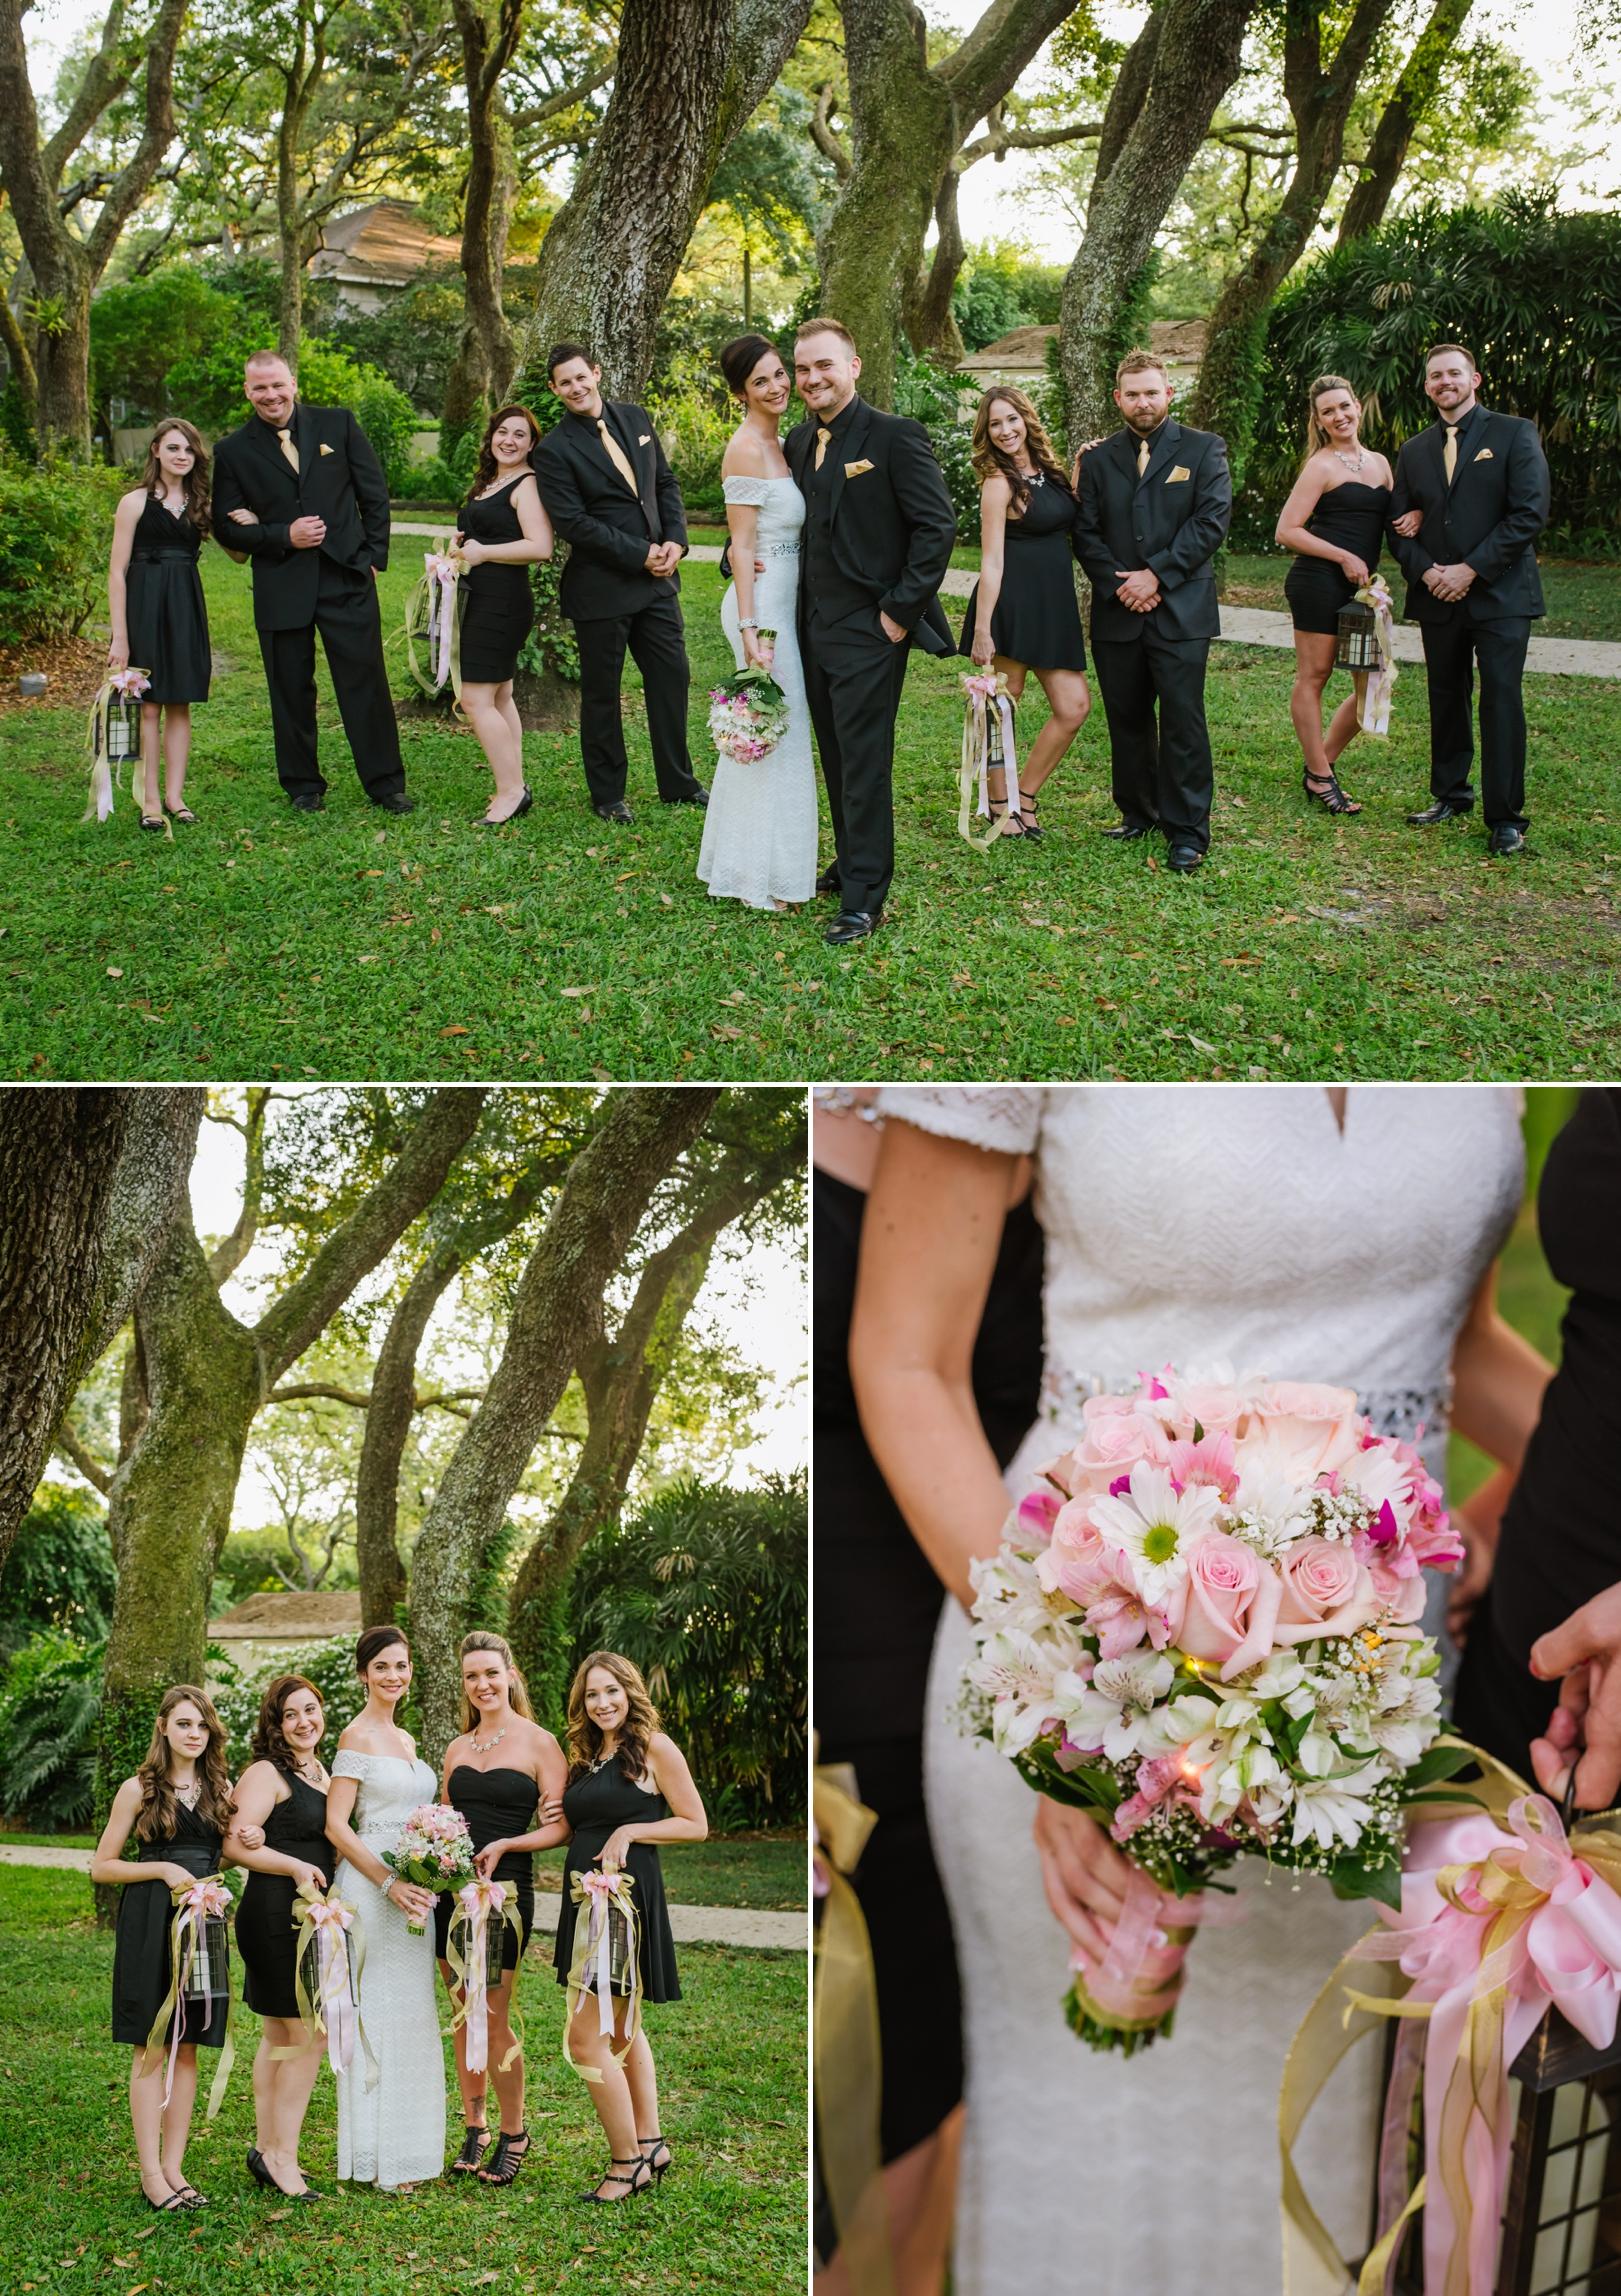 ashlee-hamon-photography-tampa-rustic-outdoor-traditional-wedding_0009.jpg